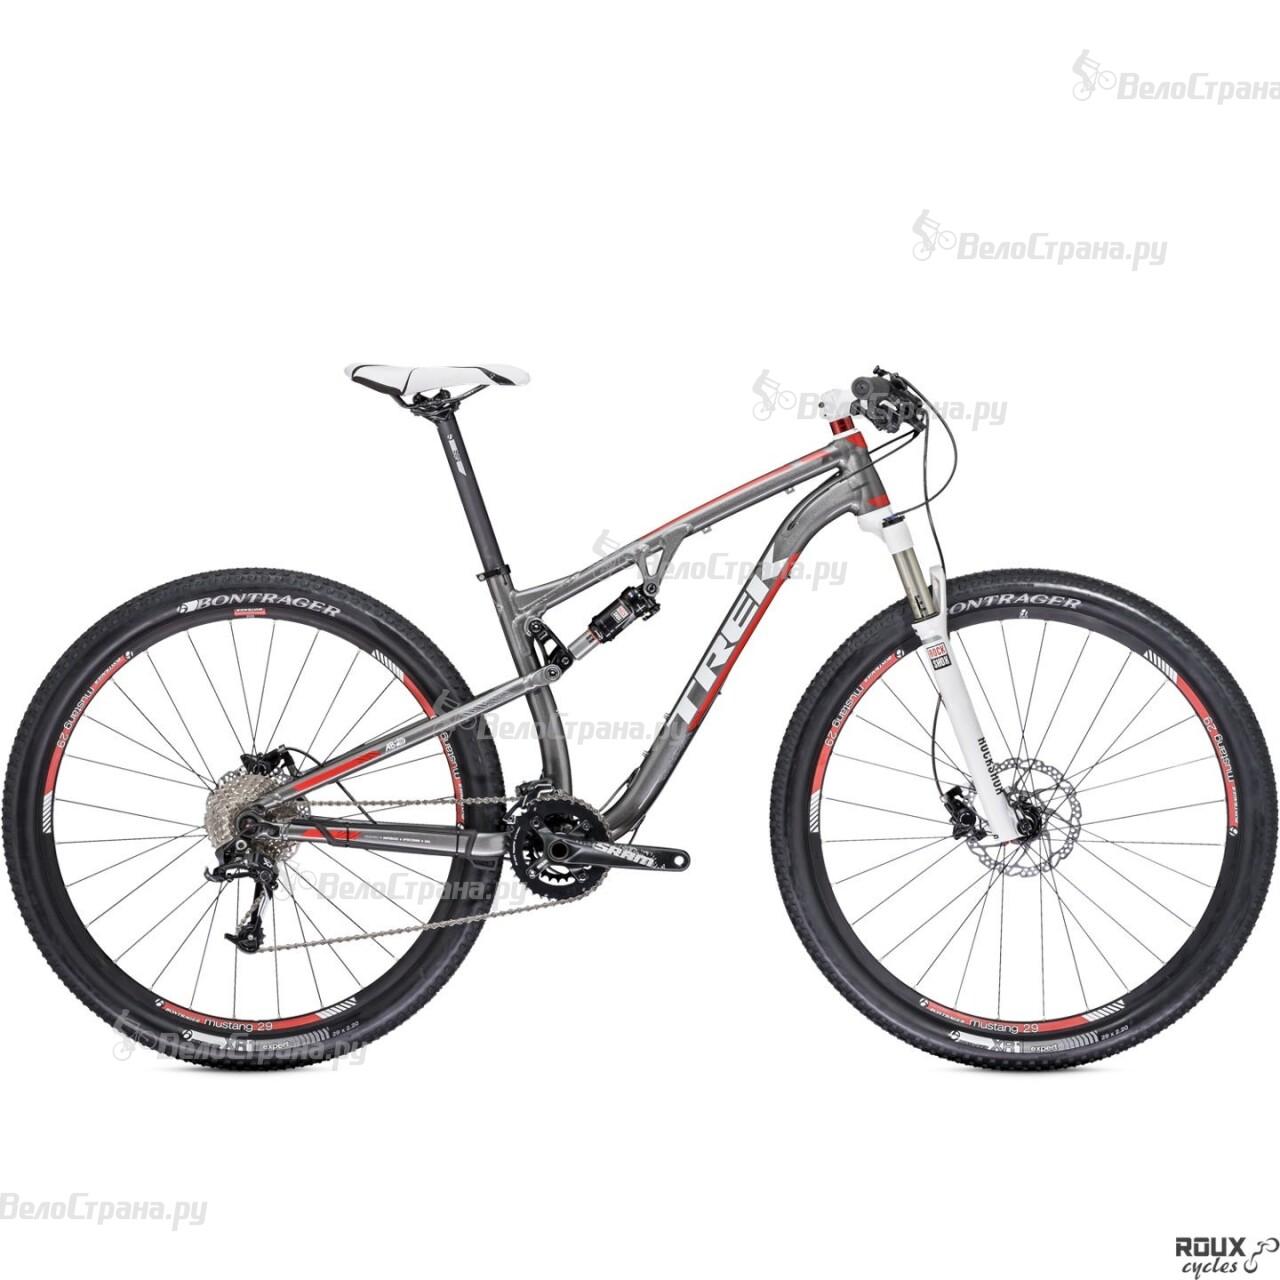 Велосипед Trek Superfly FS 7 (2014) велосипед pegasus piazza gent 7 sp 28 2016